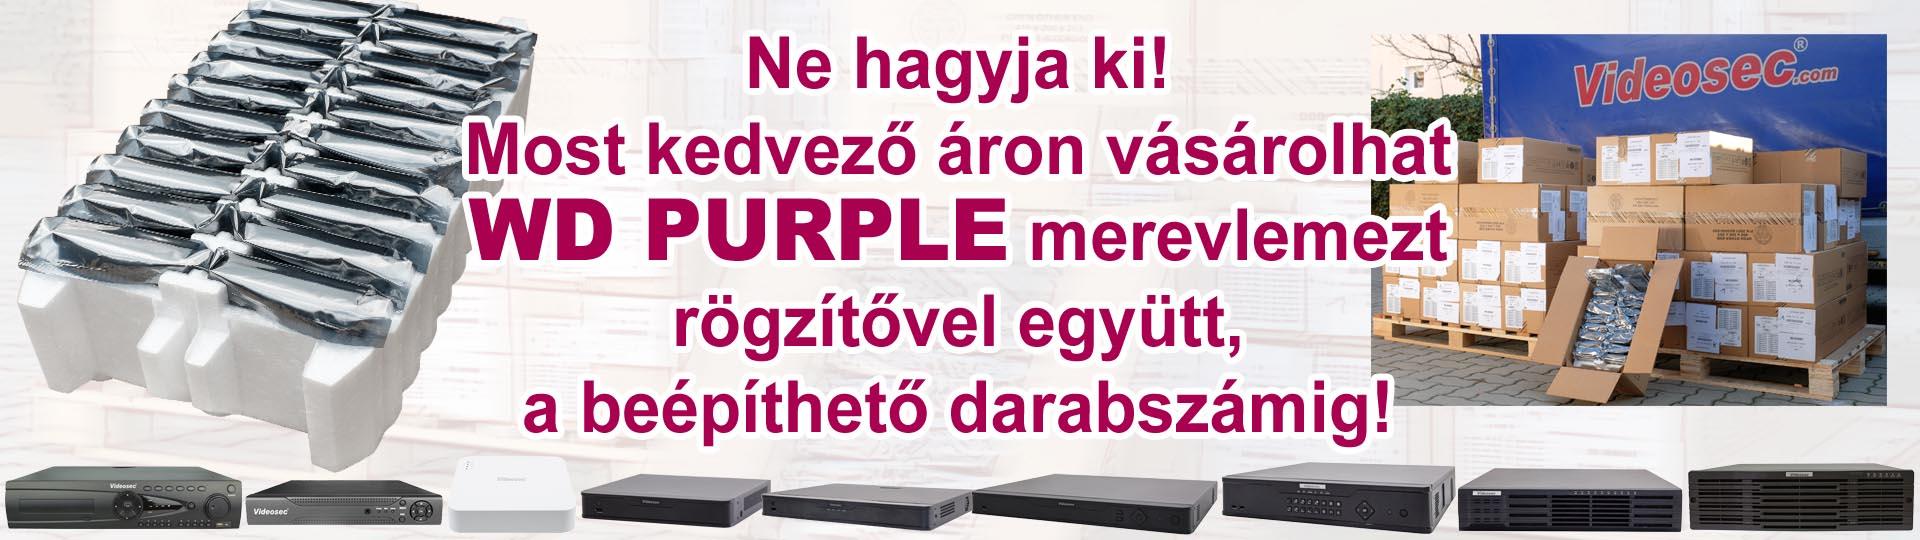 Ne hagyja ki! Most kedvező áron vásárolhat WD PURPLE merevlemezt rögzítővel együtt, a beépíthető darabszámig!